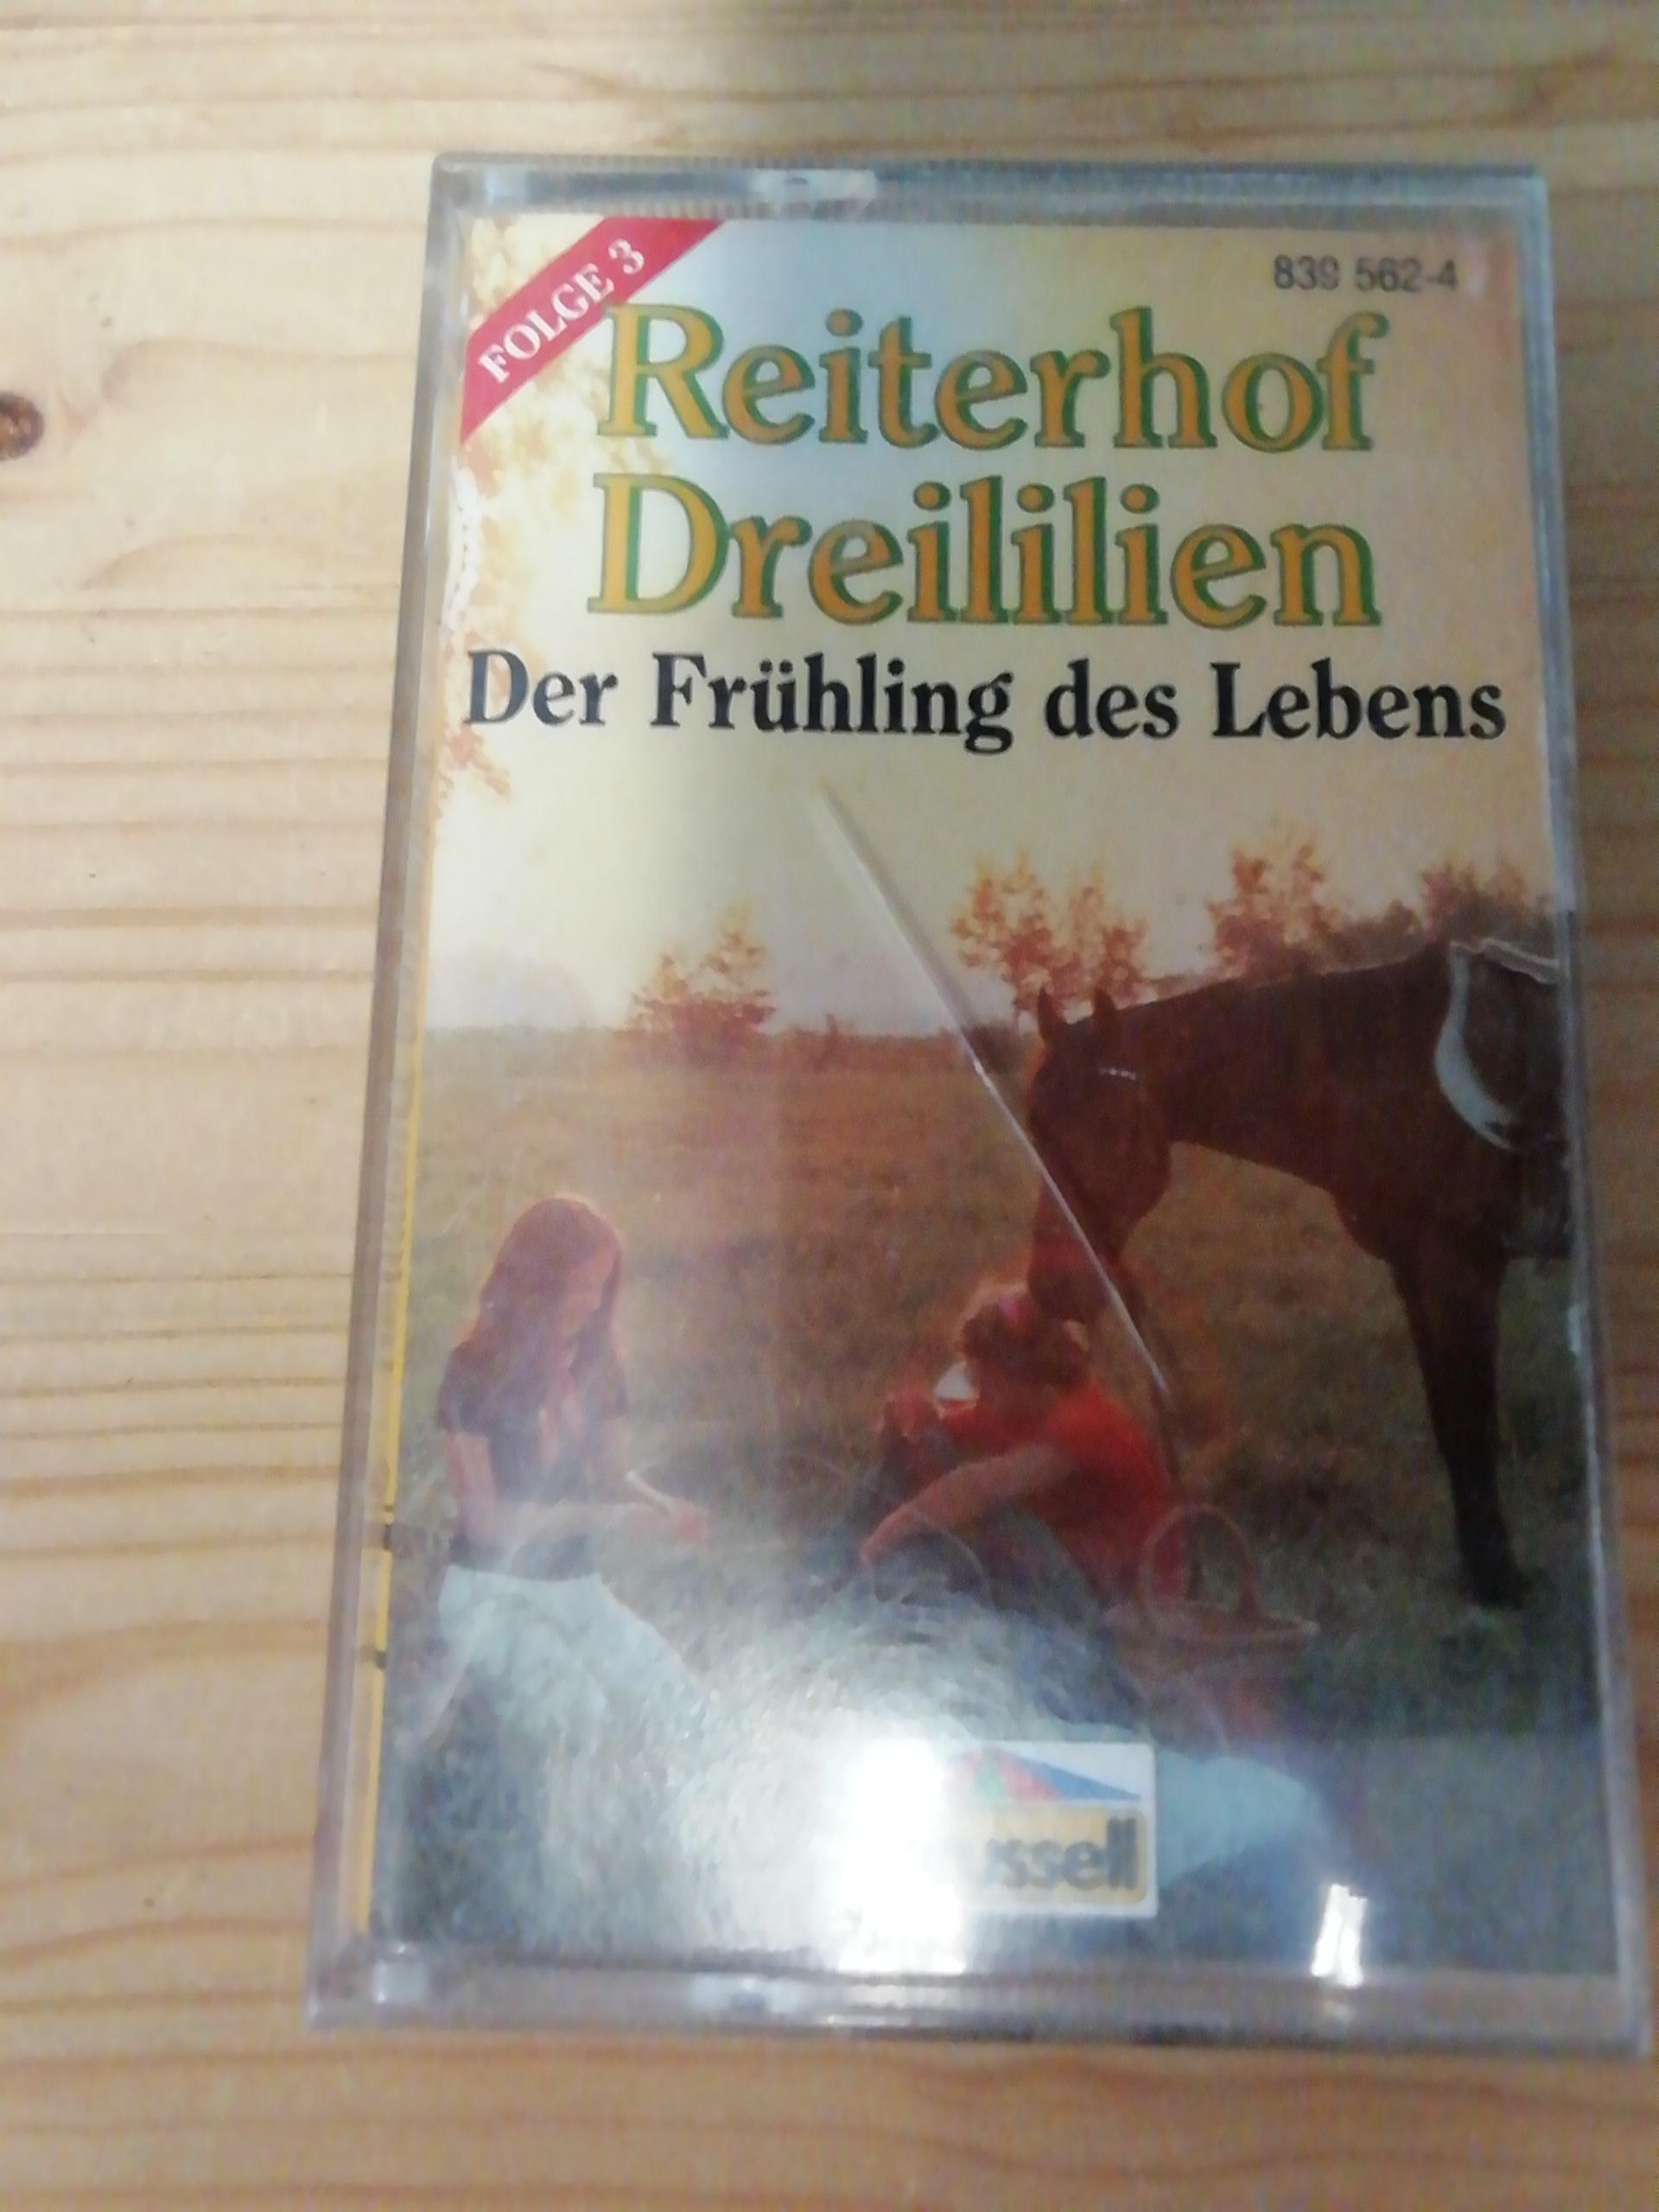 Kassette Reiterhof Dreililien  tauschen